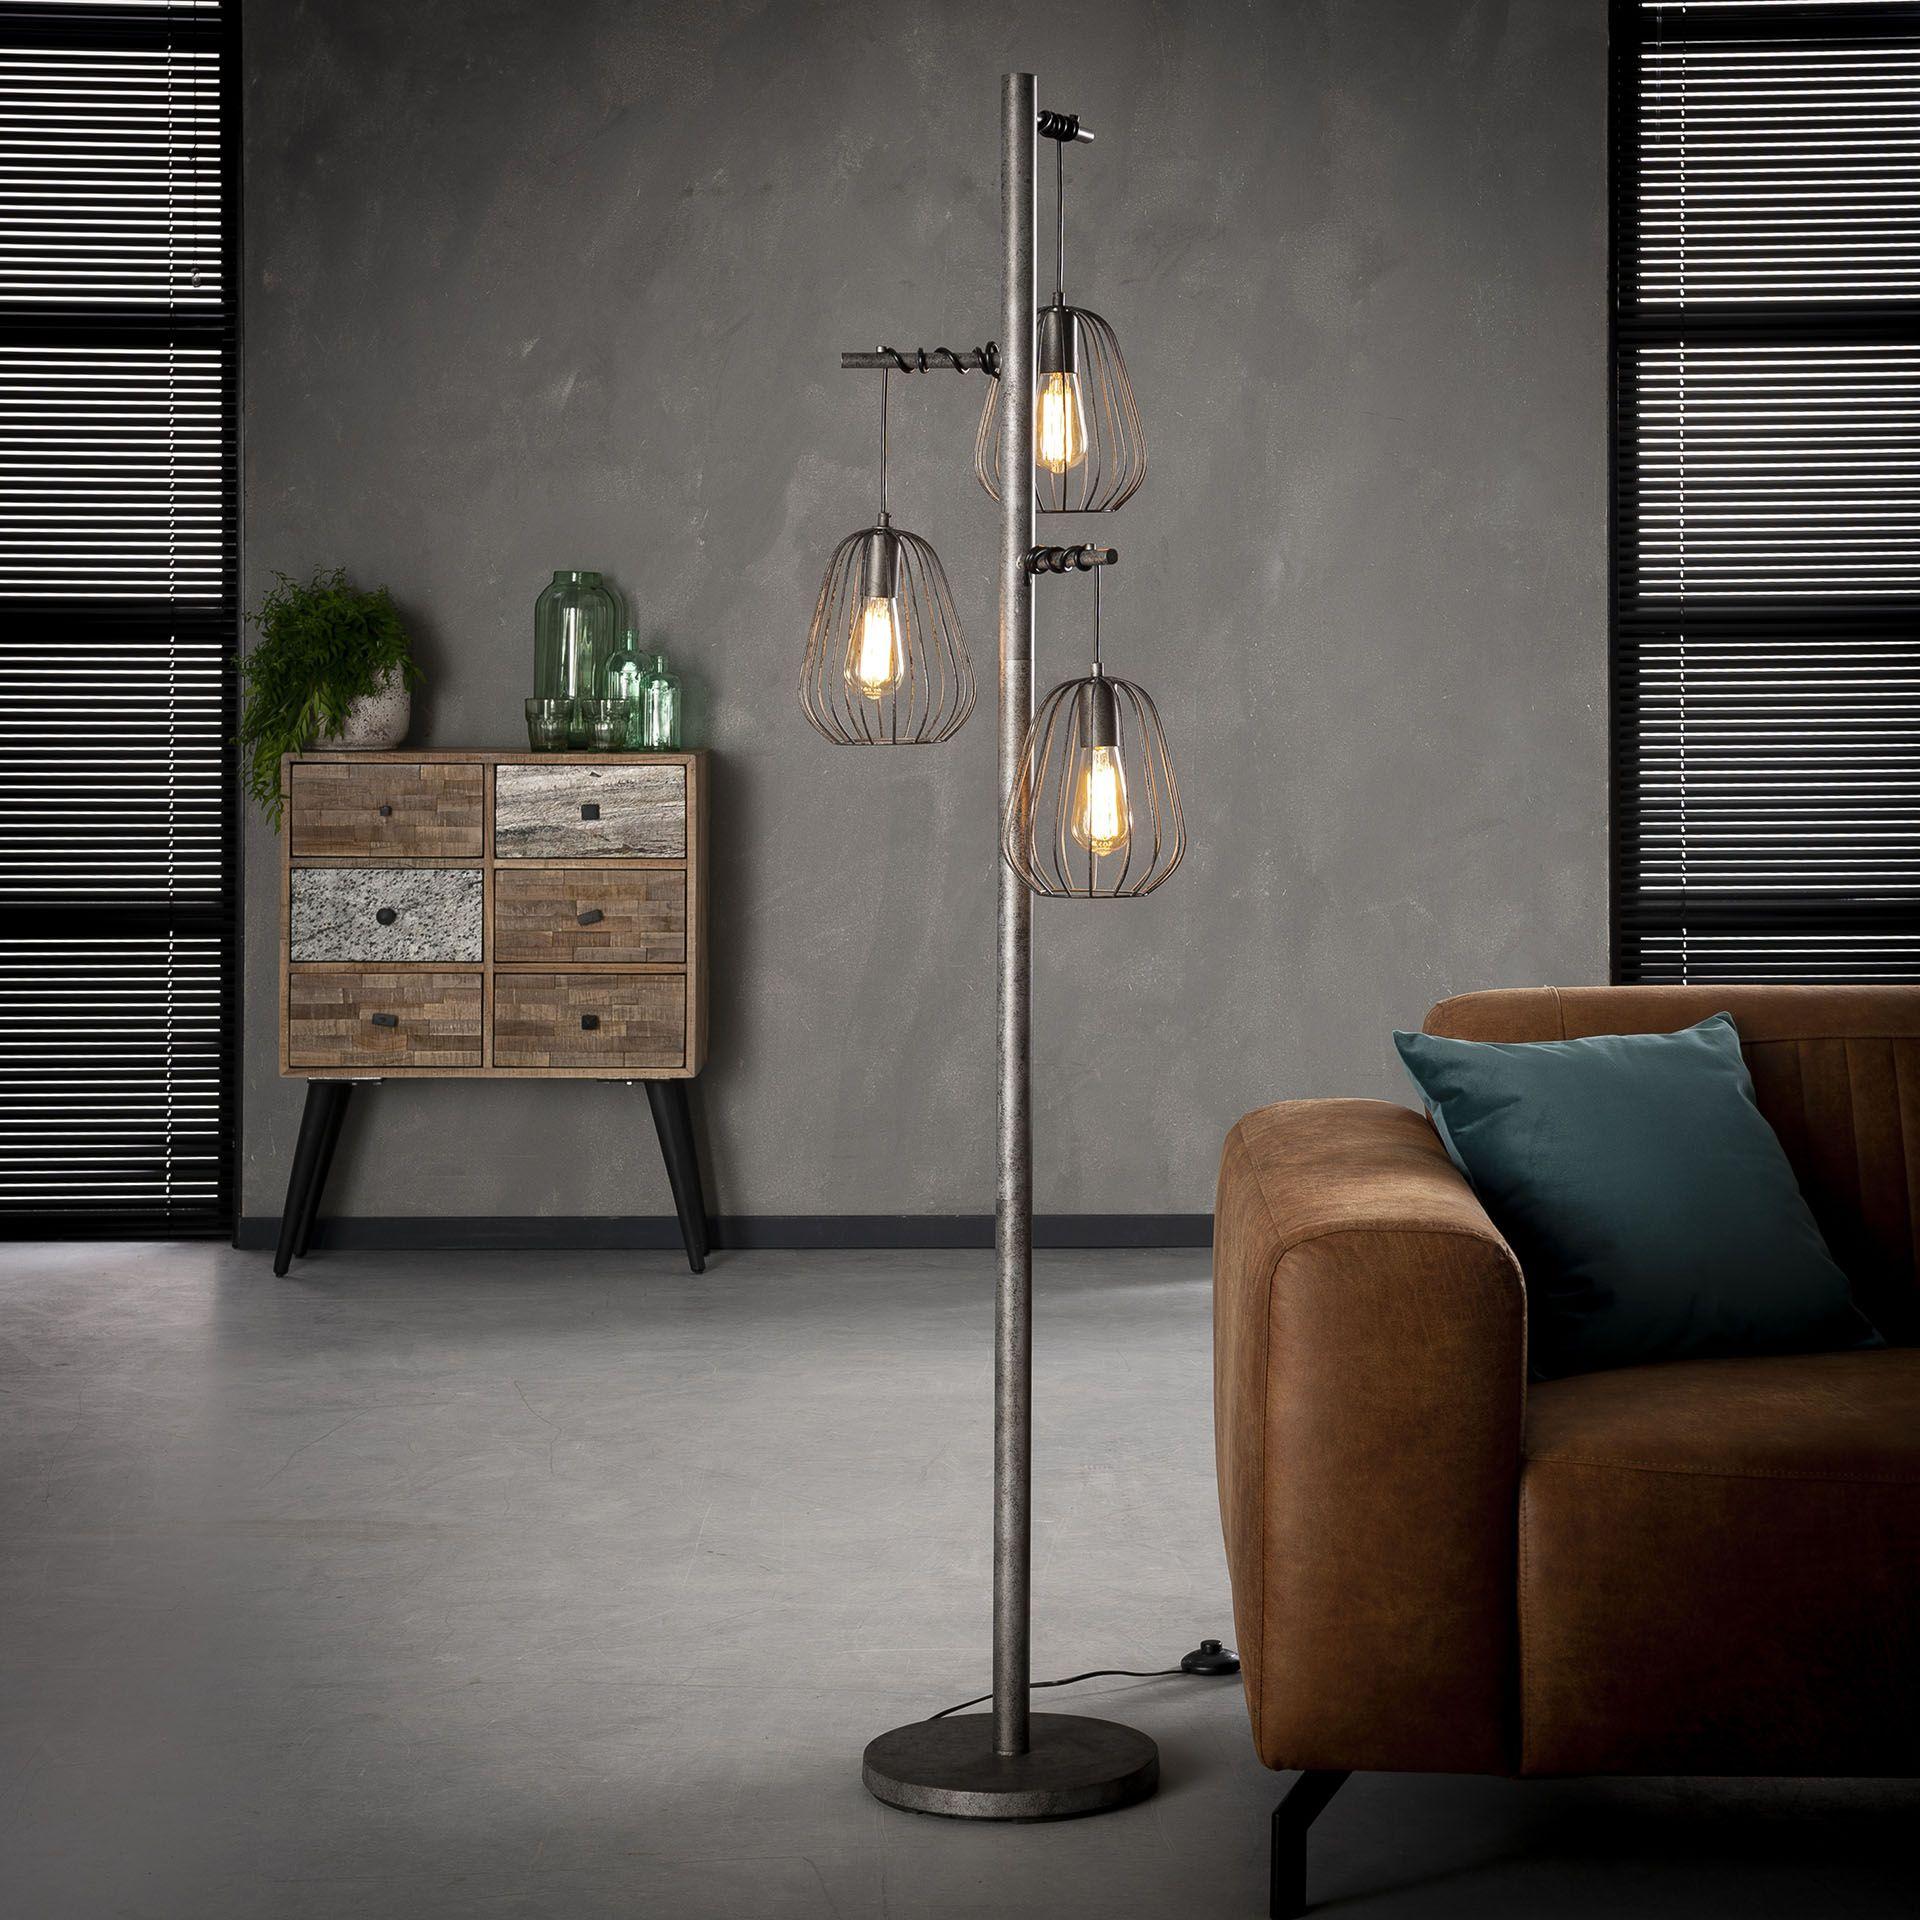 Lampadaire Salon 3 Lampes Lamphun Infos Et Dimensions Largeur 50 Cm Profondeur 173 Cm Hauteur 5 Lampadaire Salon Lampadaire Design Salon Lampadaire